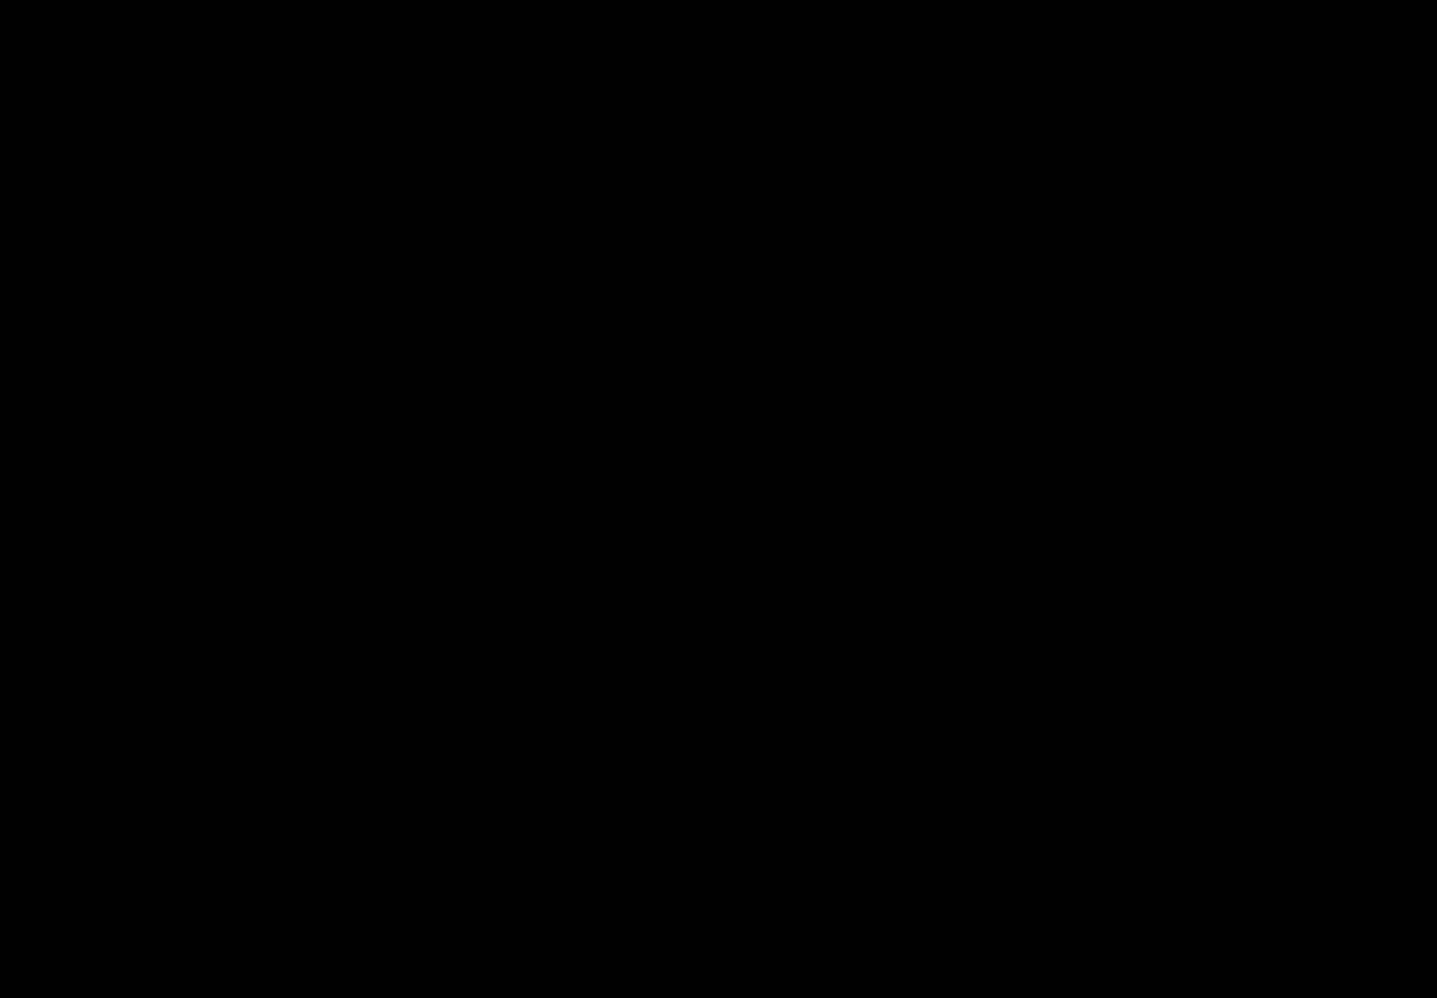 Pantalla negra de una tablet